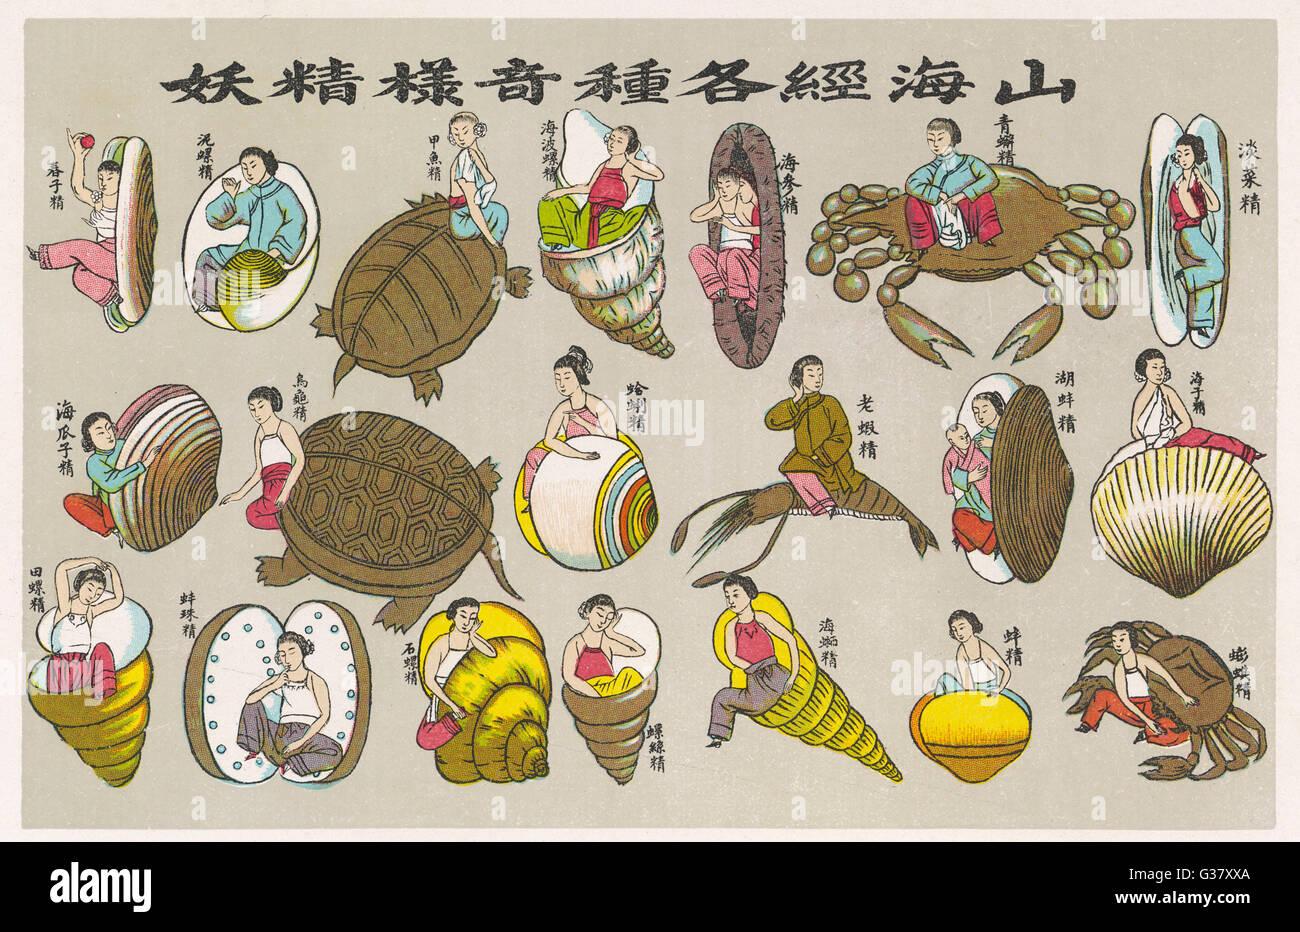 Il concetto buddista del ciclo di ri-nascita: l'anima è nato di nuovo come un mollusco(3 di 4). Data: 1915 Immagini Stock